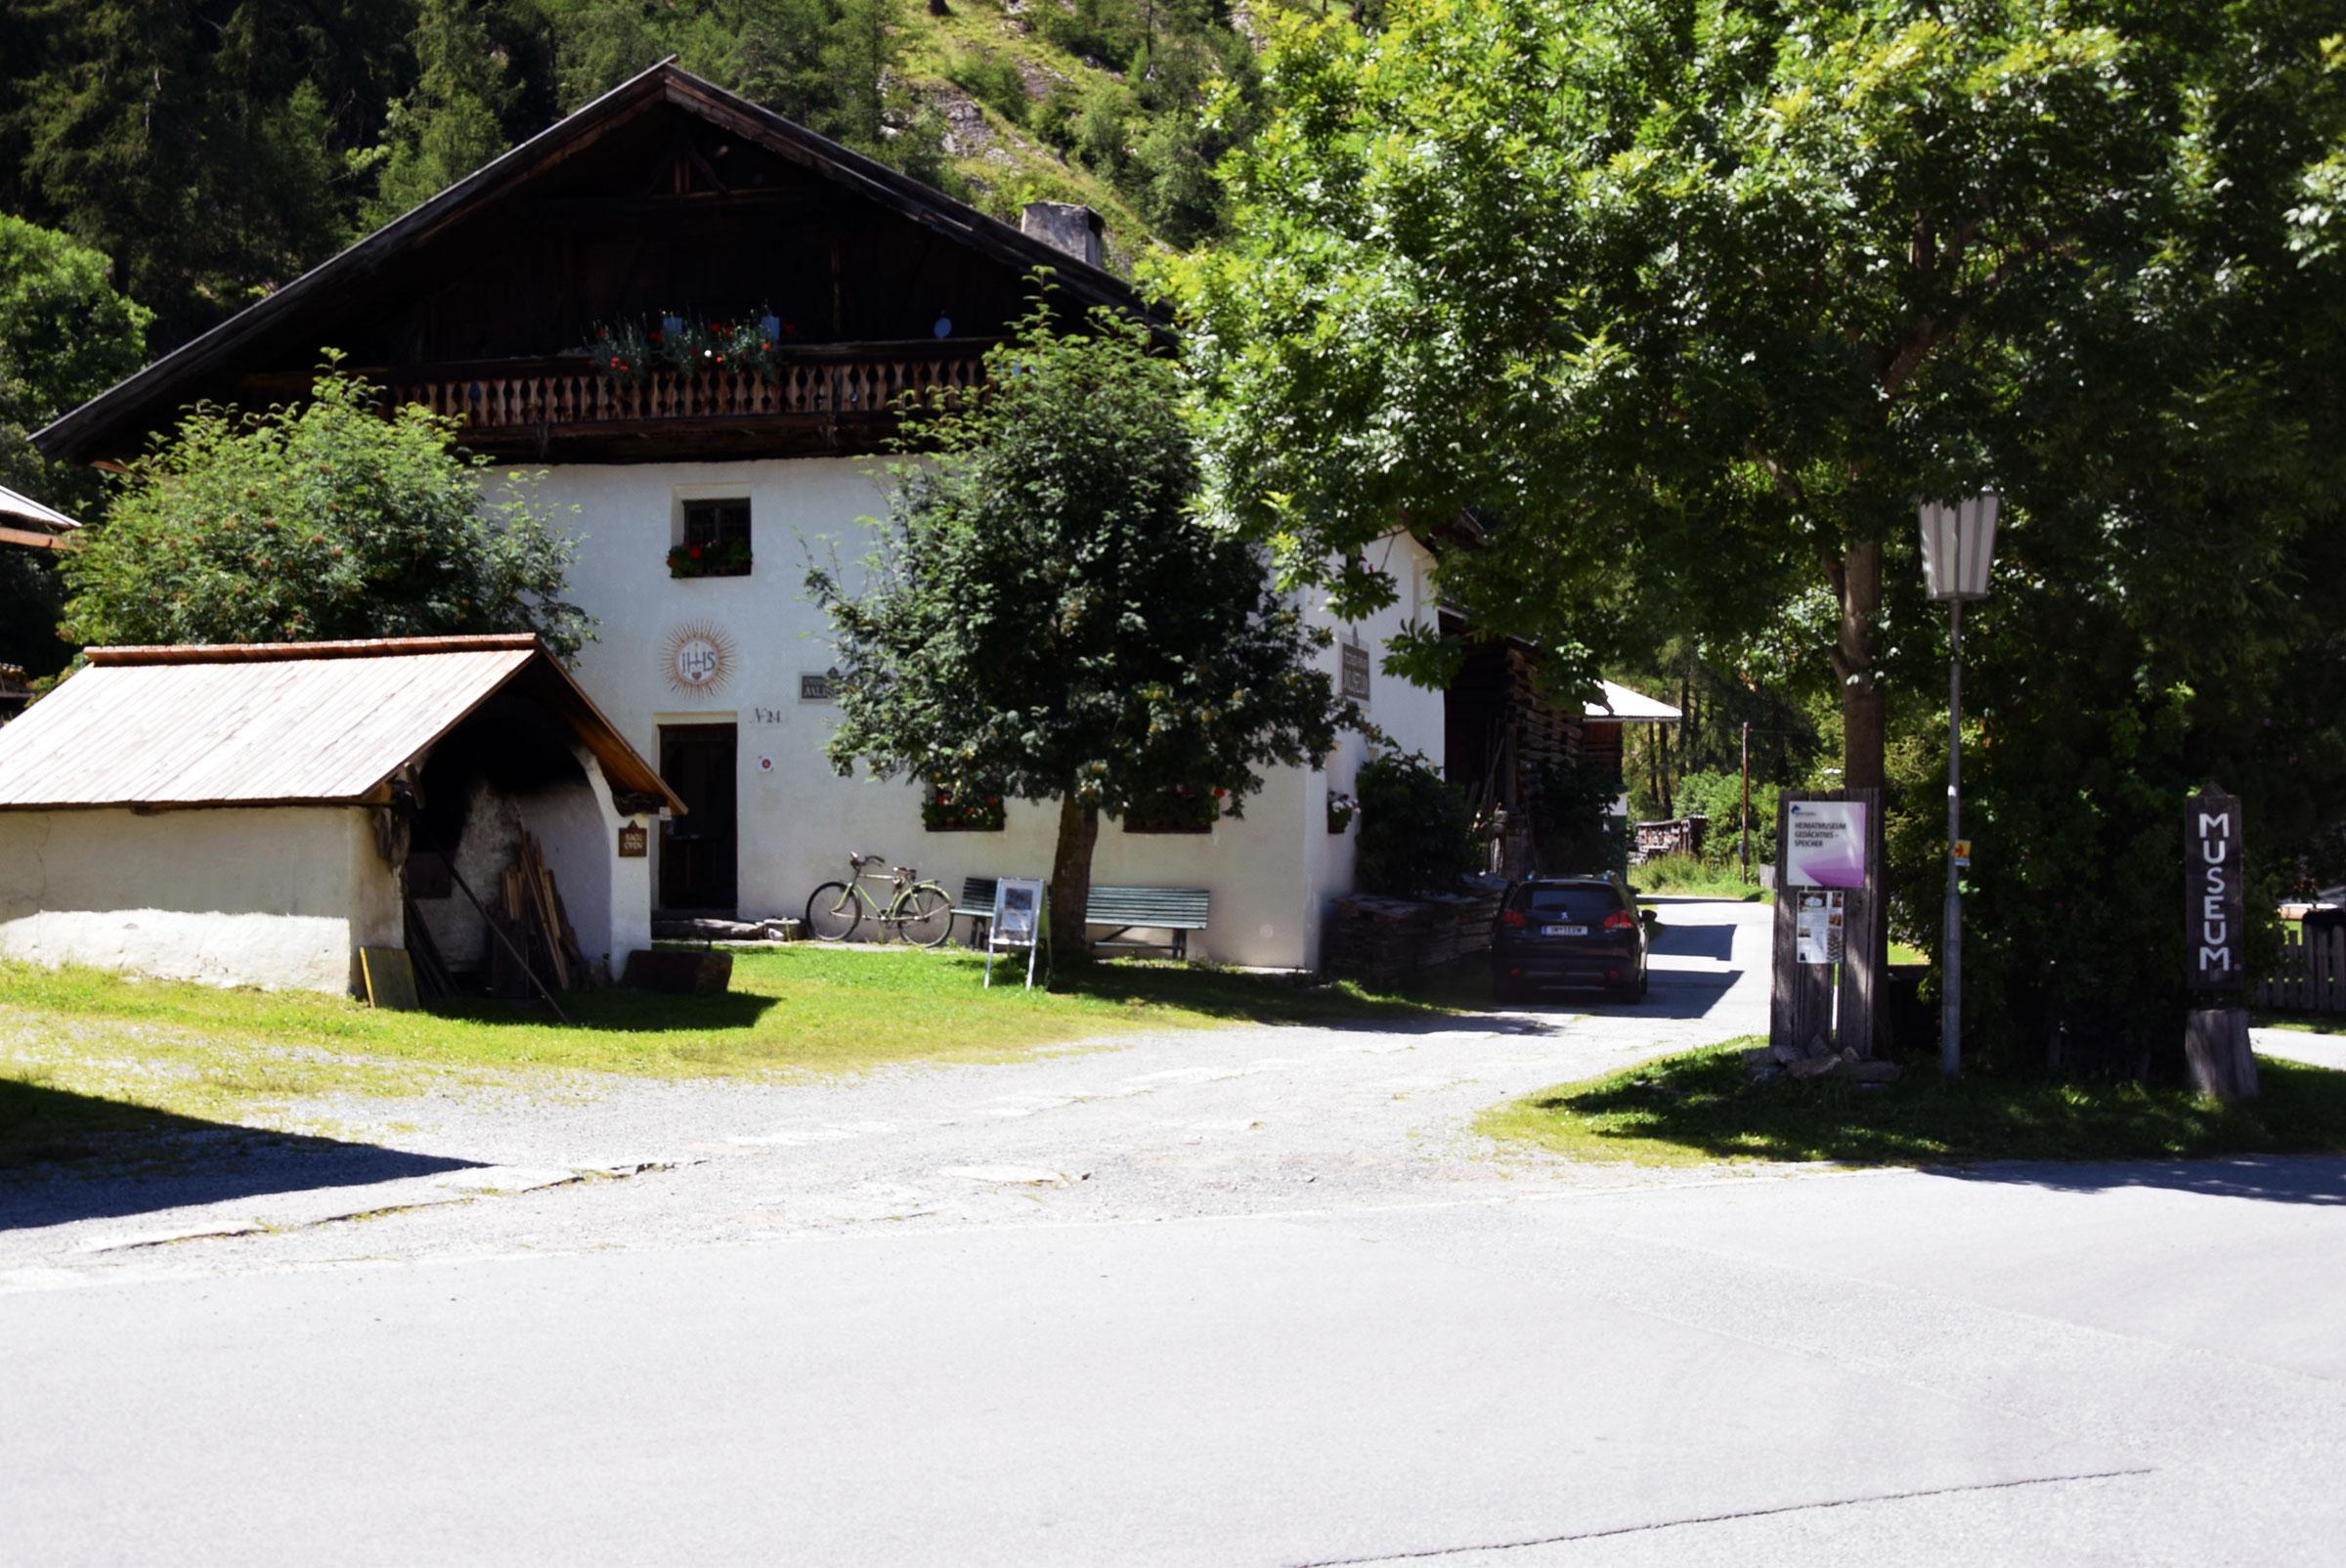 Backofen im Heimat- und Freilichtmuseum Längenfeld - Brot selbst backen im Ötztal